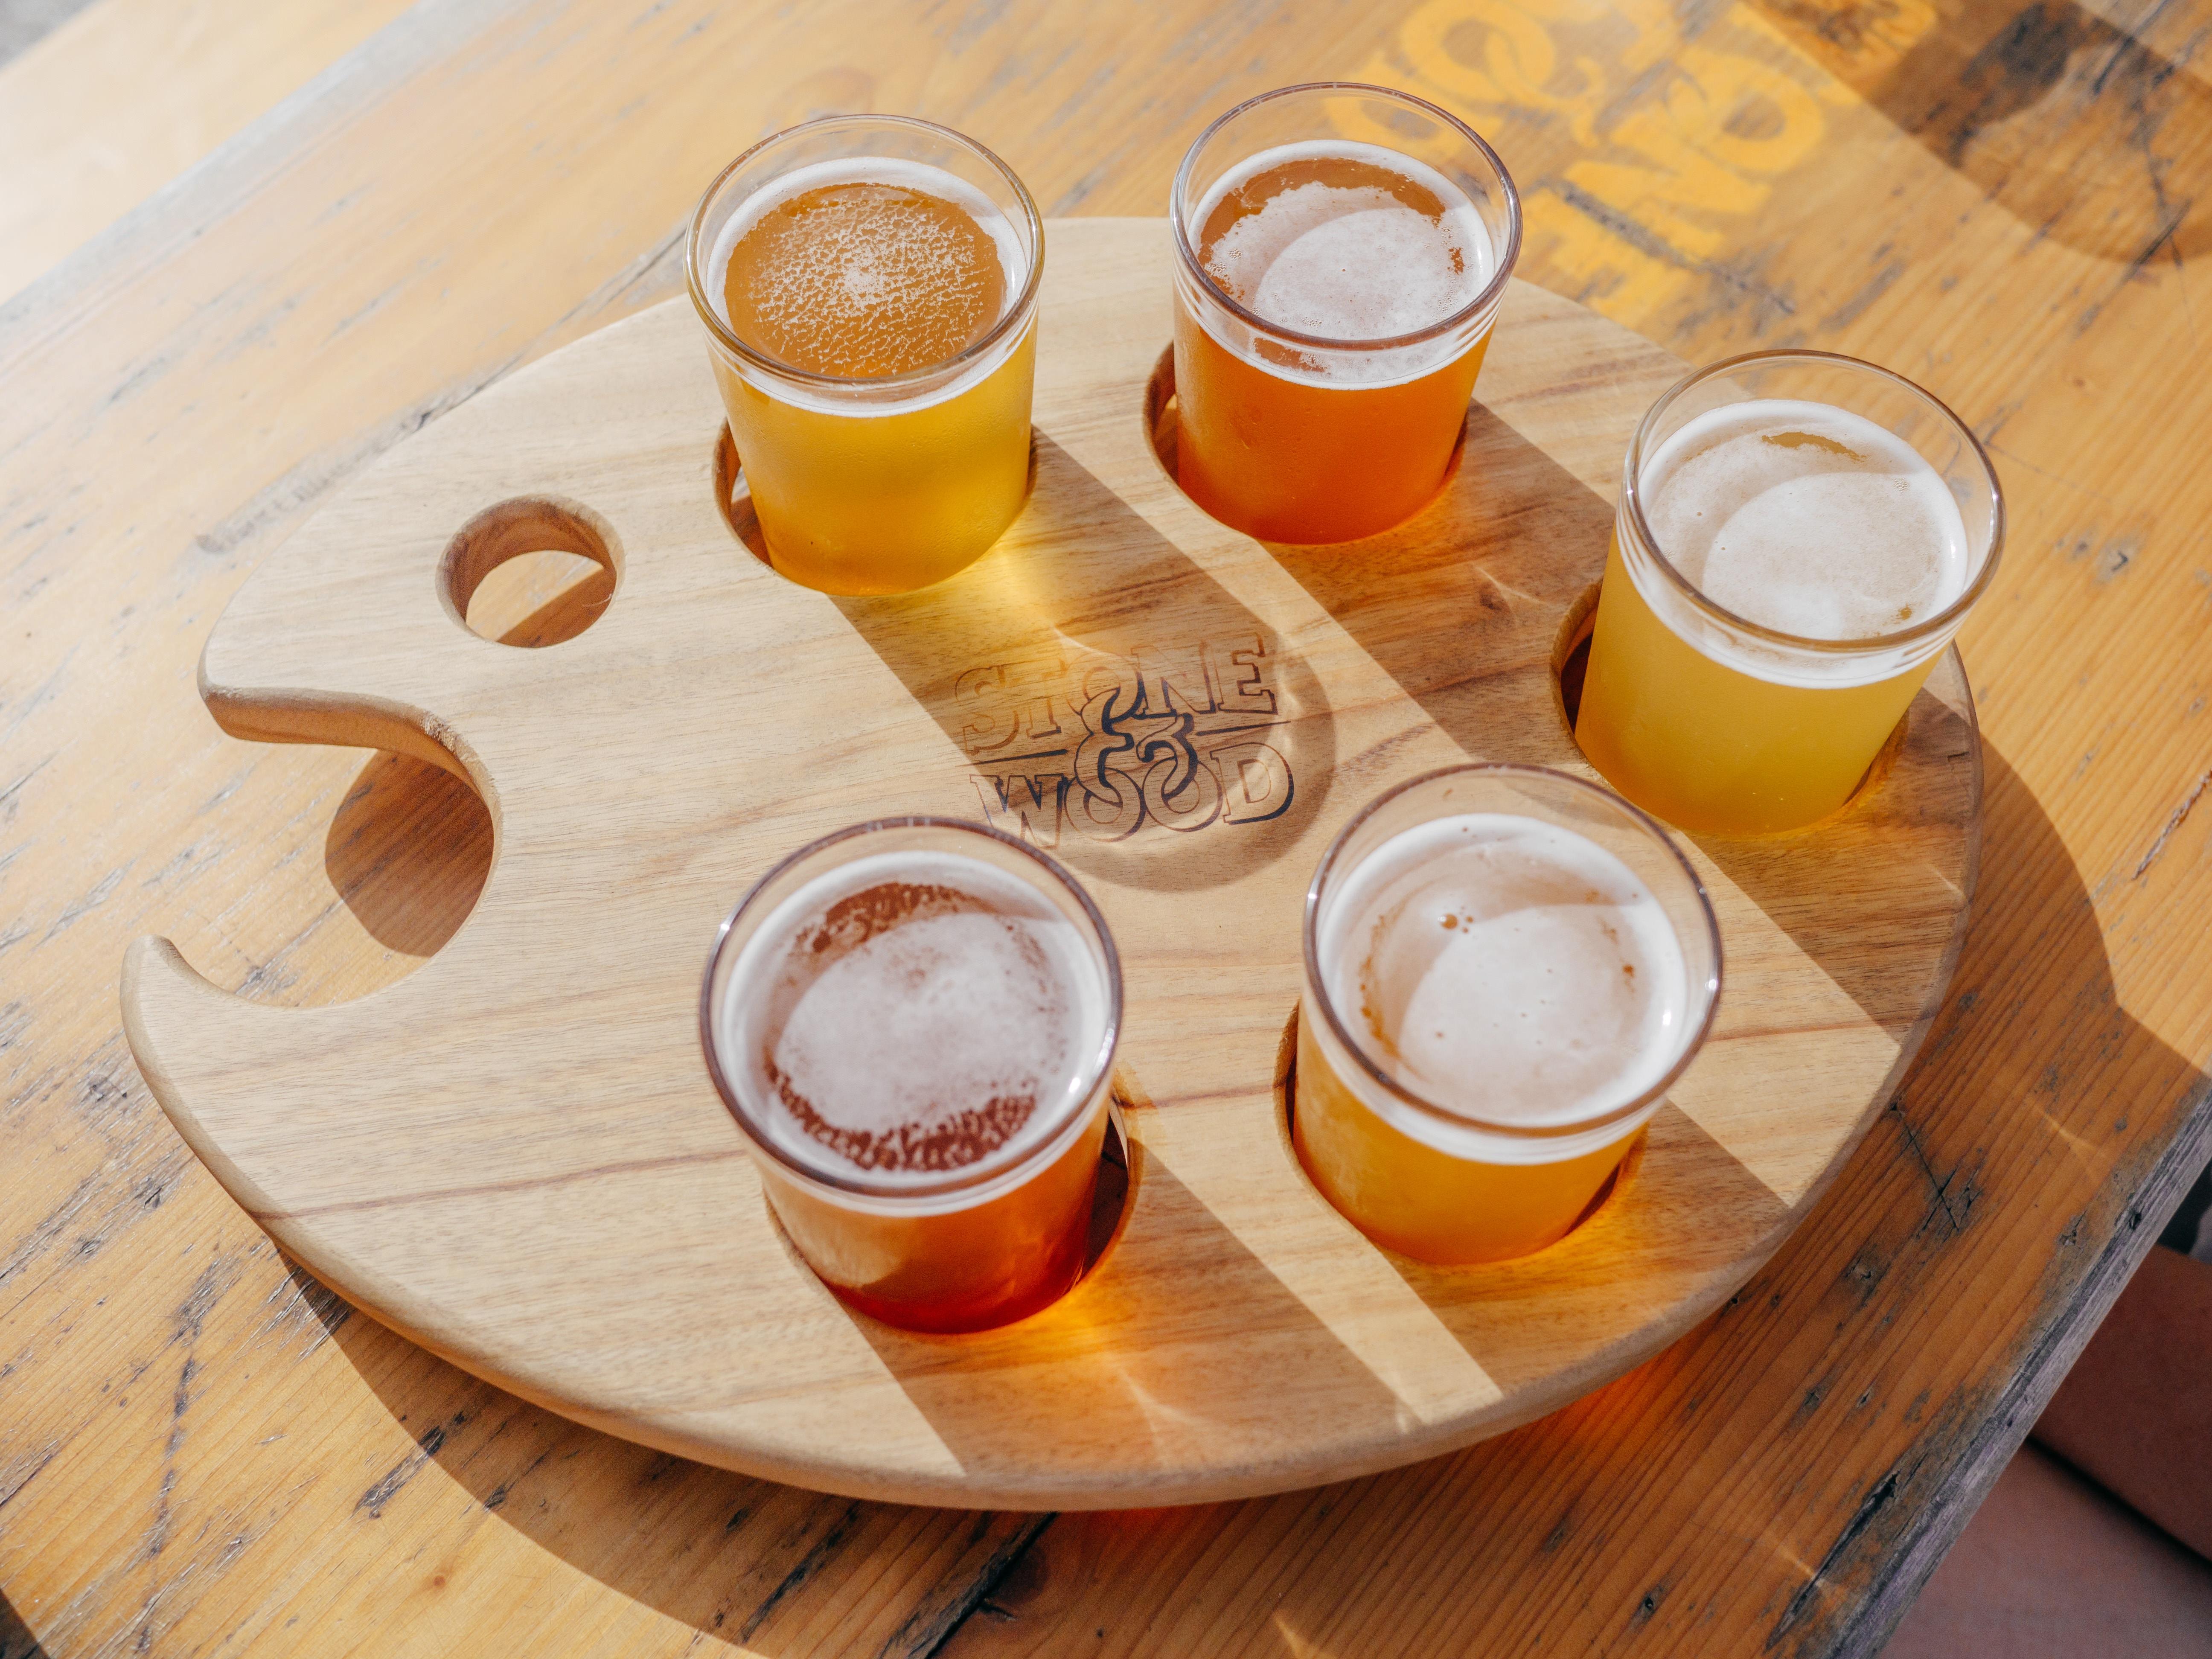 ガンバリウスはビール飲み放題が人気のお店!おすすめメニューもご紹介!